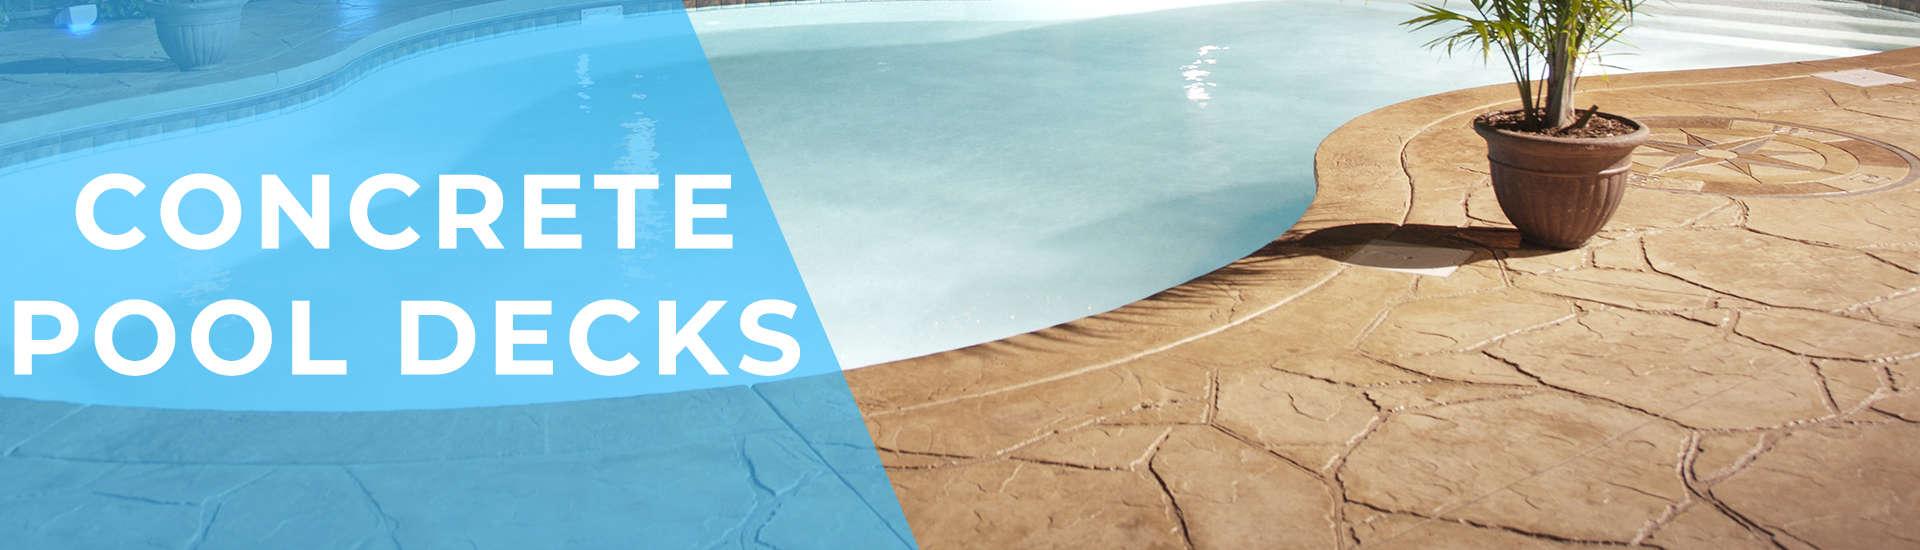 Concrete Pool Decks K&M